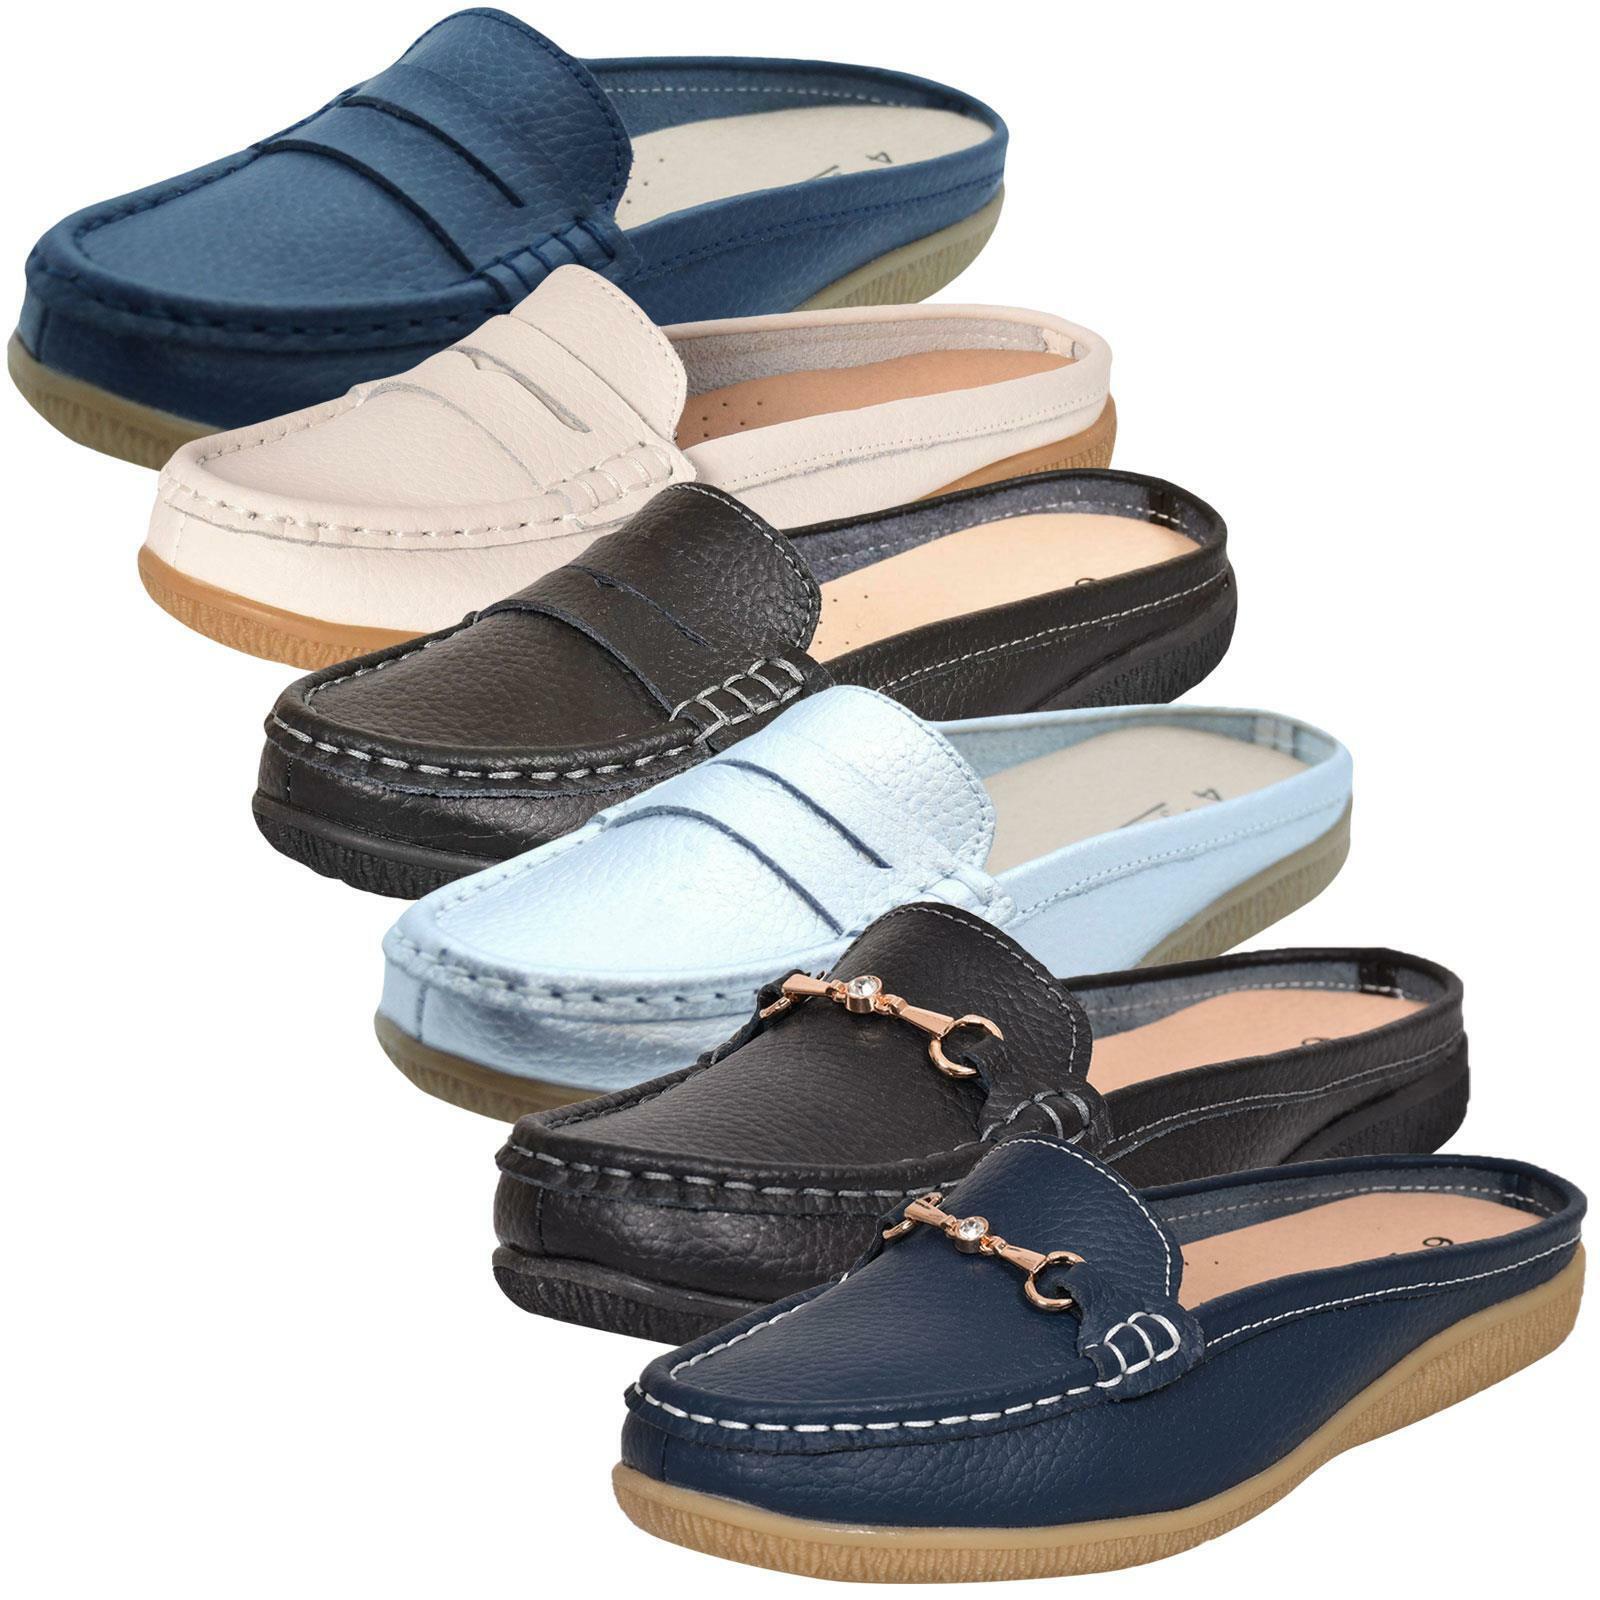 on feet images of new lifestyle classic styles Détails sur Femmes à Enfiler Cuir Sliders Mocassin Mocassins Mules  Chaussures- afficher le titre d'origine